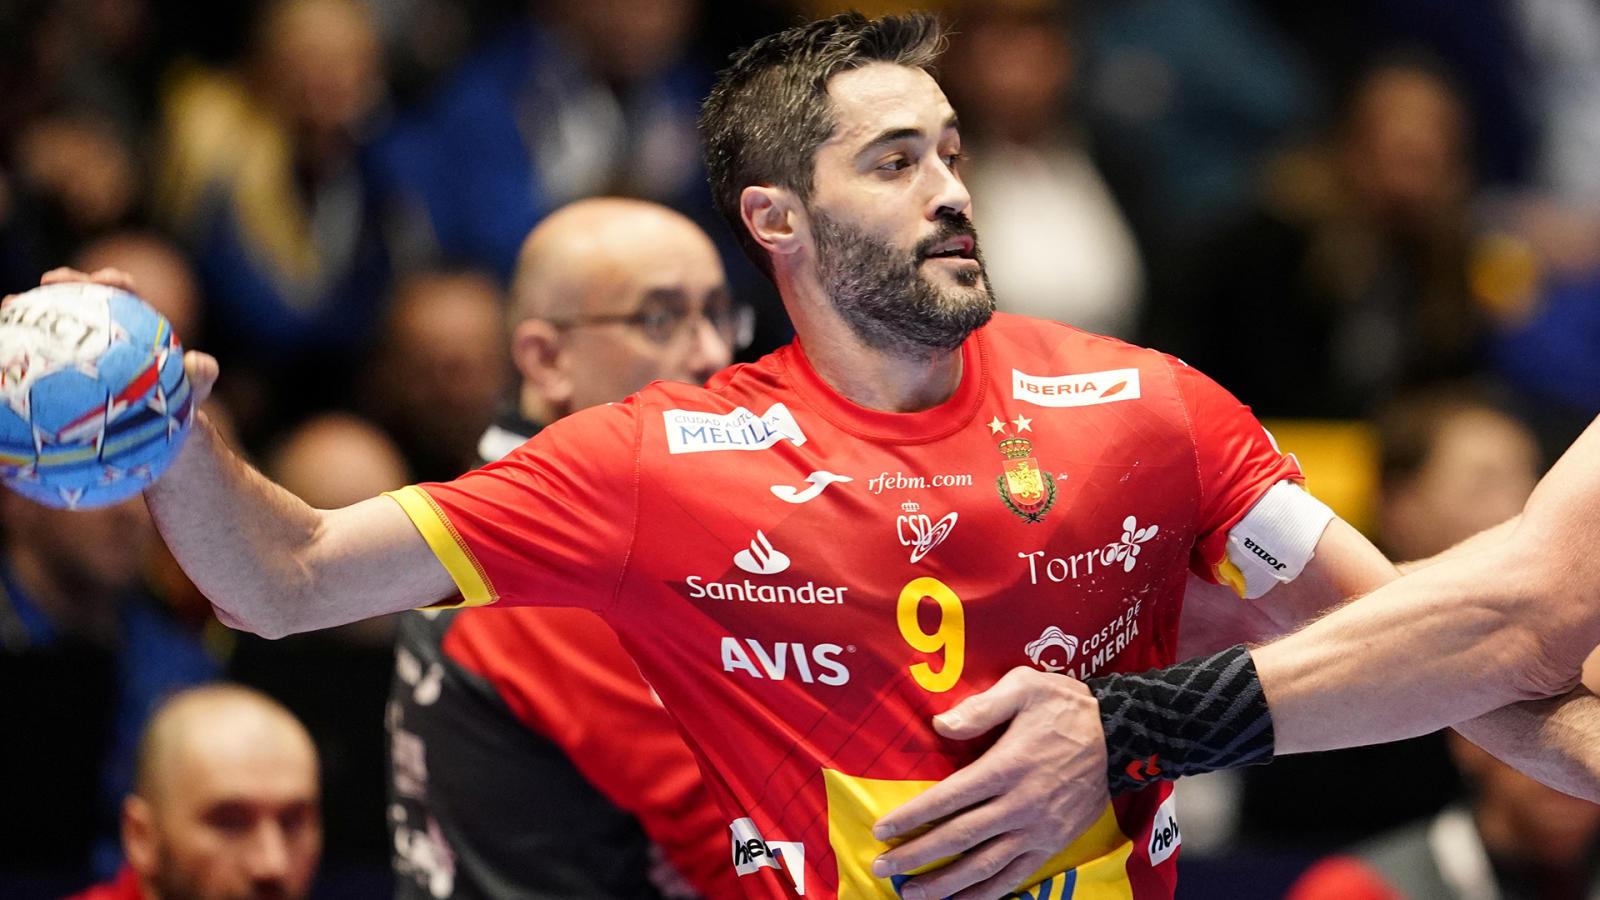 Klicka här för att se Speltips Spanien - Slovenien